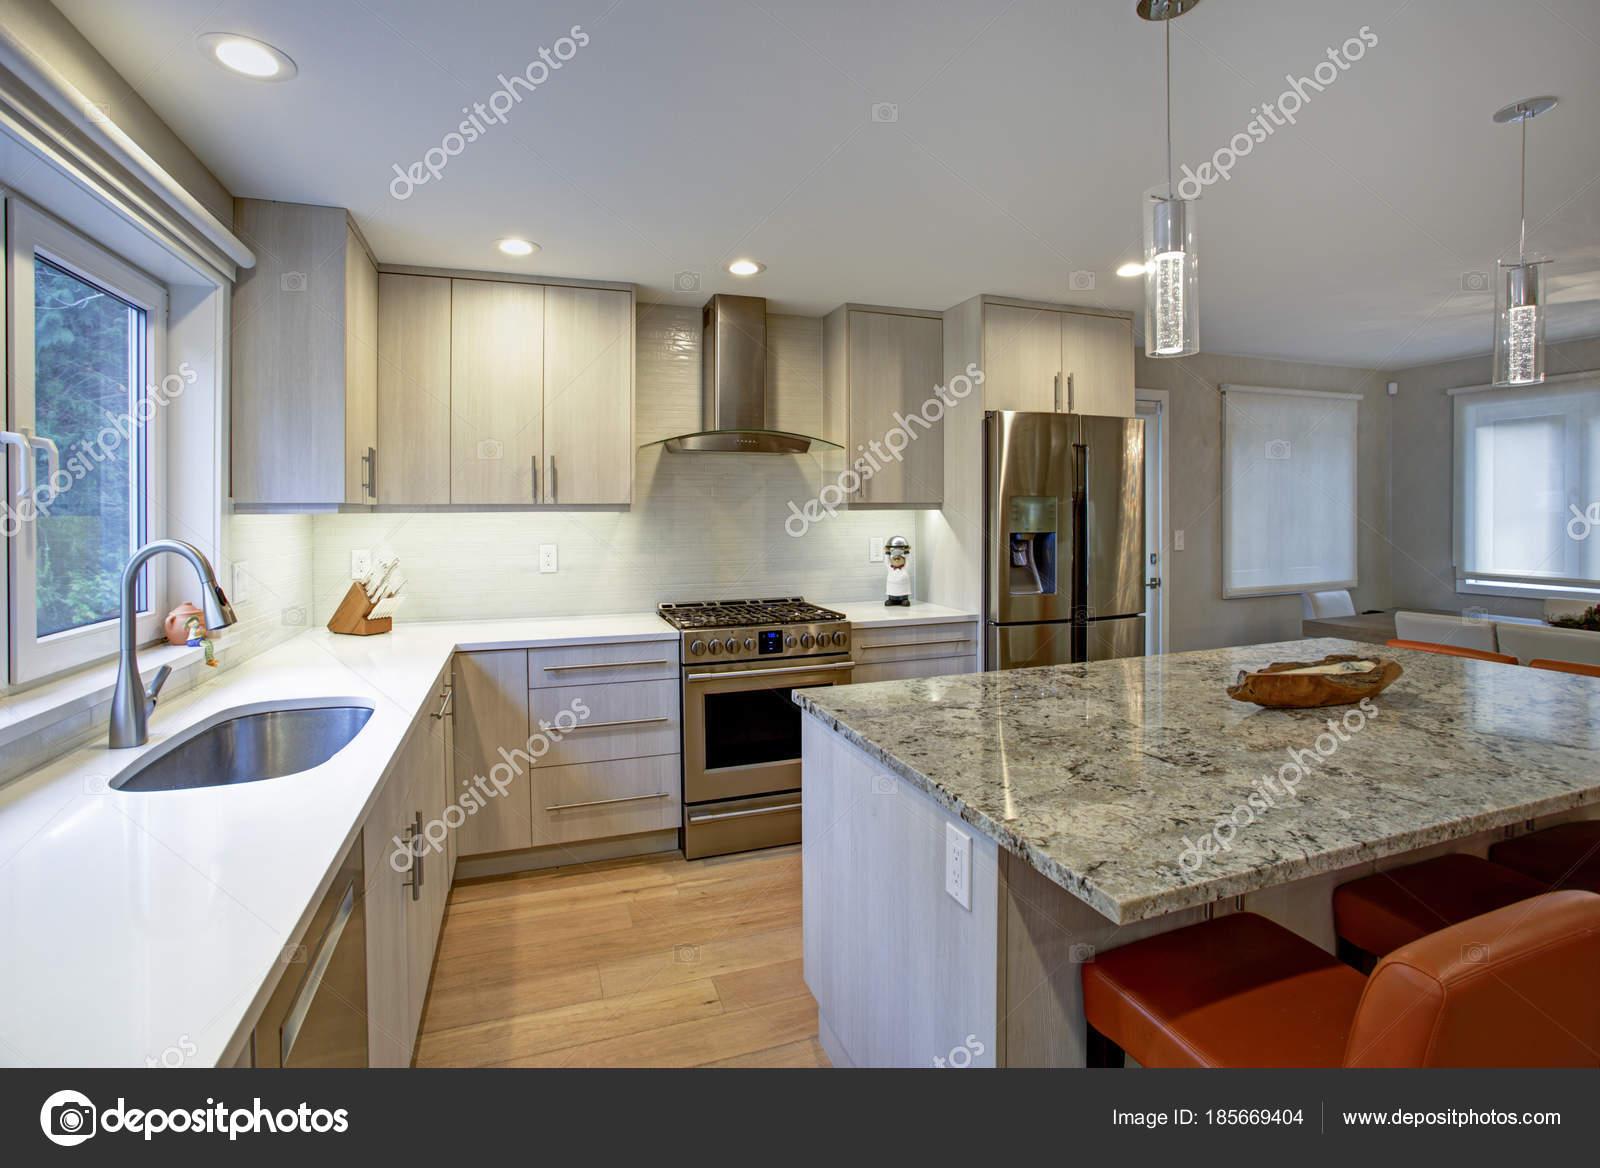 Schöne Küche mit Kochinsel — Stockfoto © alabn #185669404